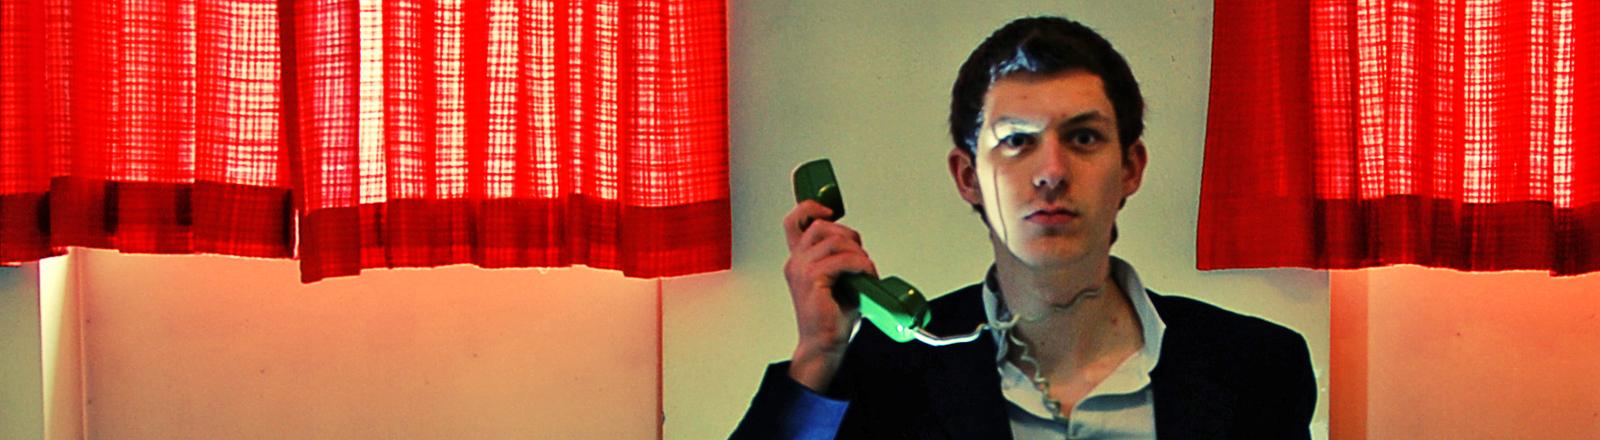 frustrierter Mann am Telefon